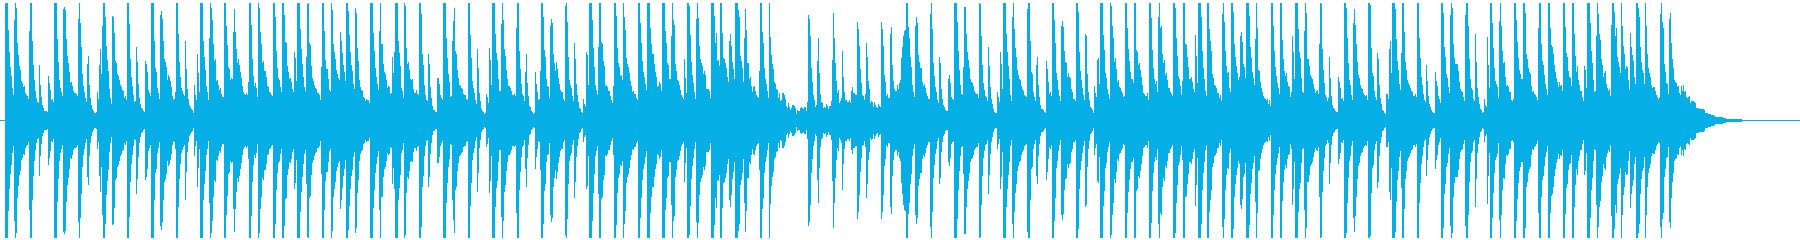 ピアノと環境音のチルの再生済みの波形